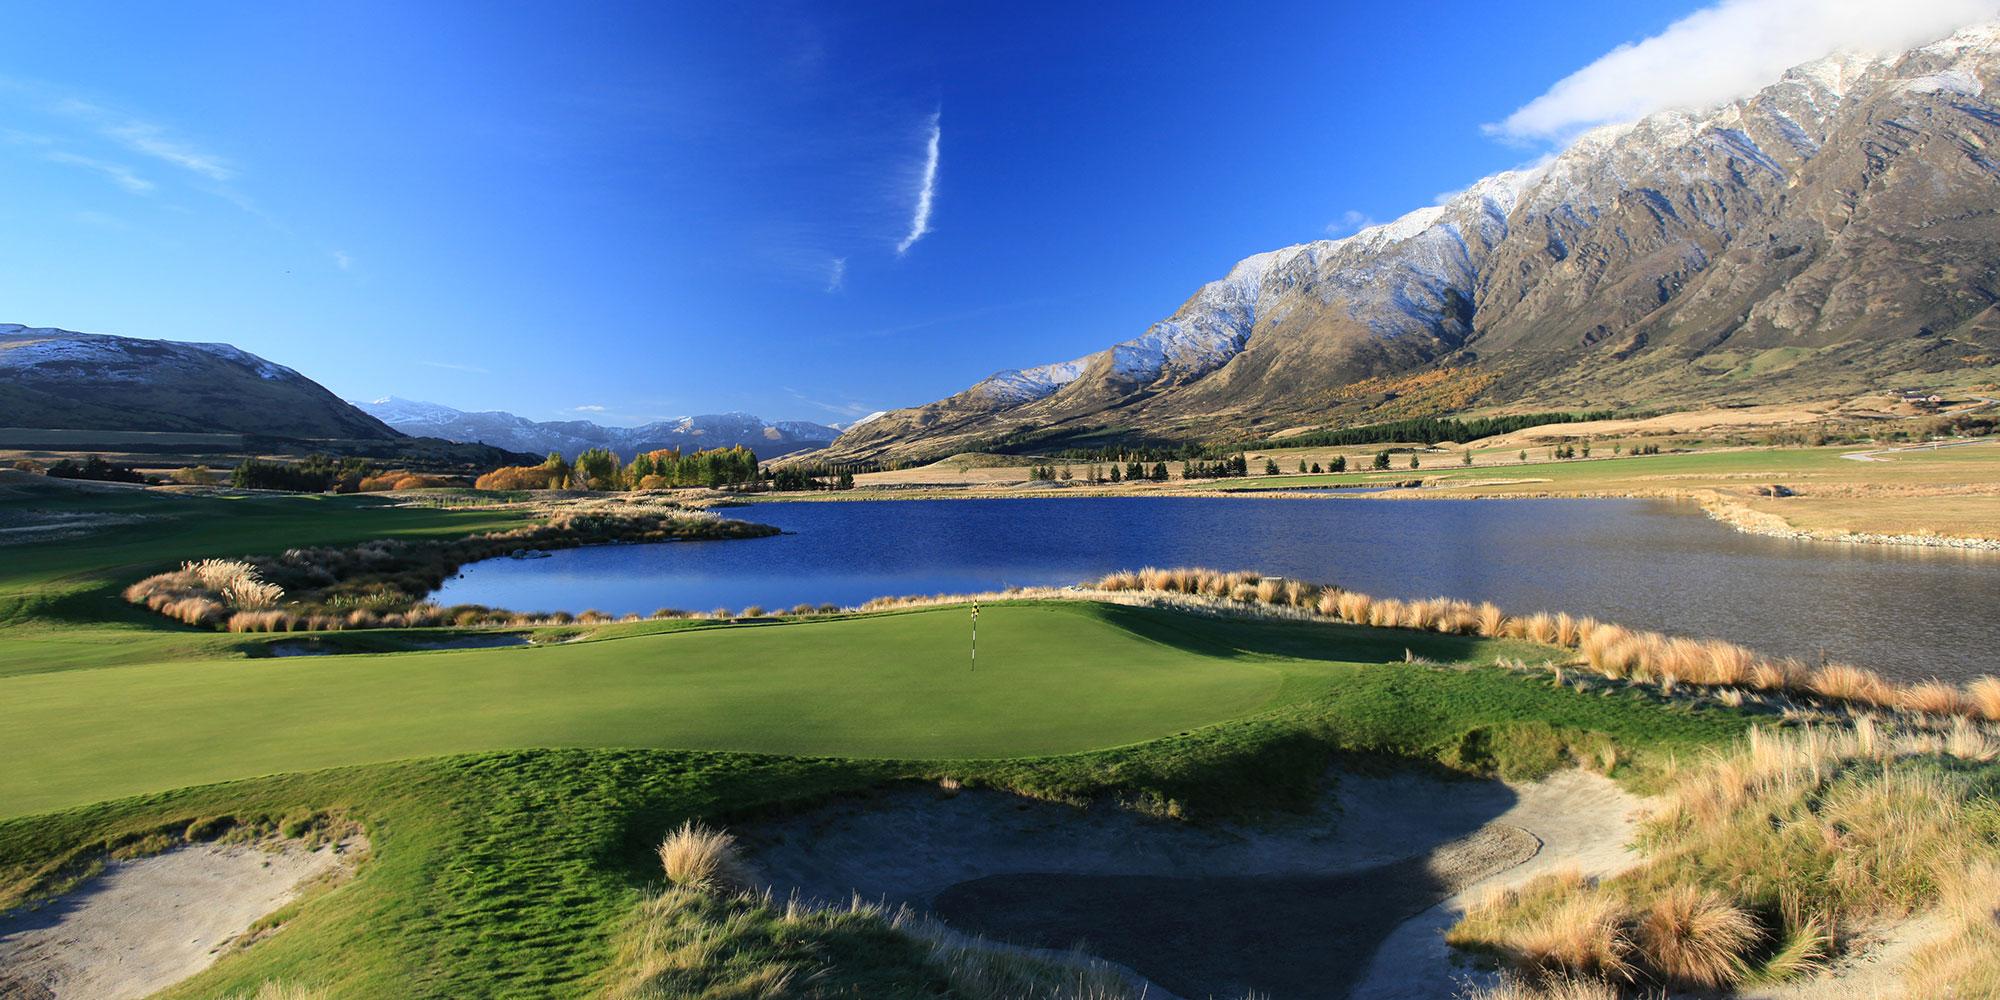 Queenstown NZ | 6 nights, 5 games sampler